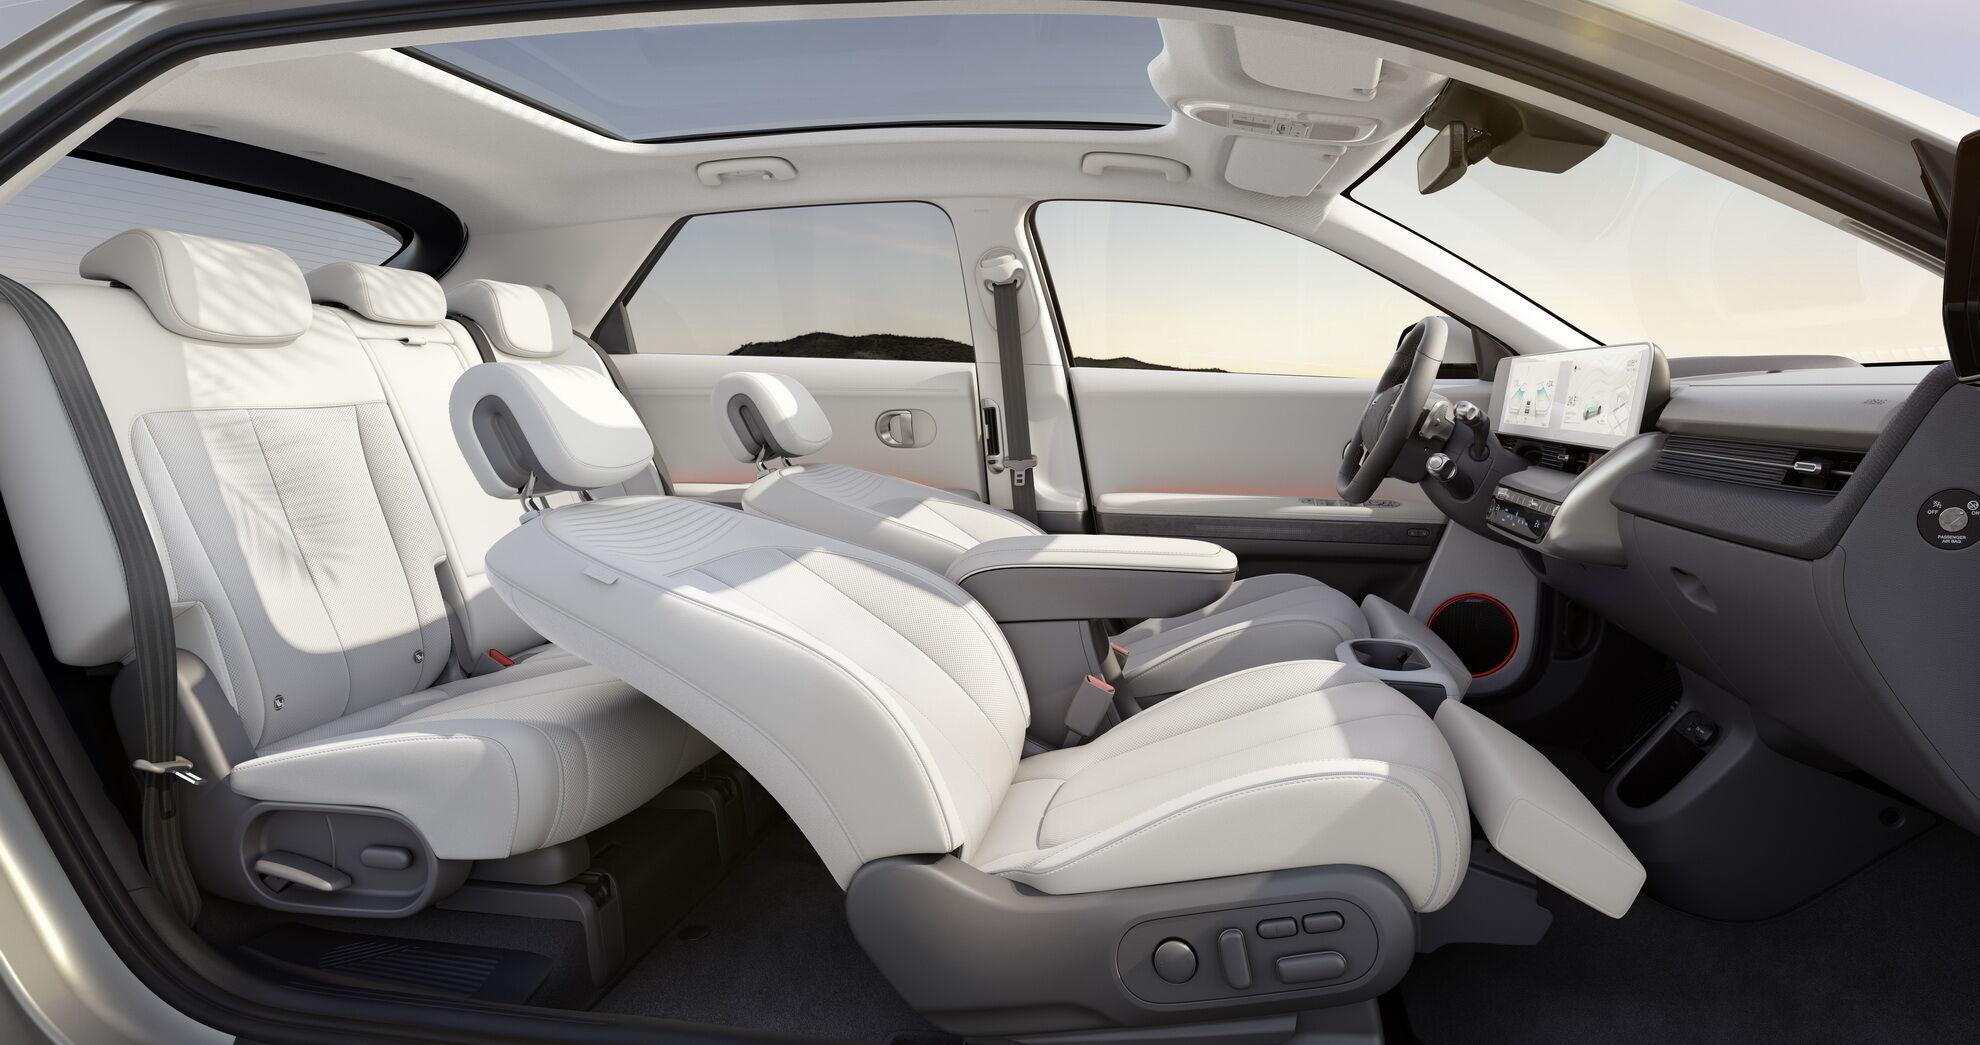 Автомобіль отримав 3-метрову колісну базу, що на 100 мм більше, ніж у флагманського позашляховика Hyundai Palisade